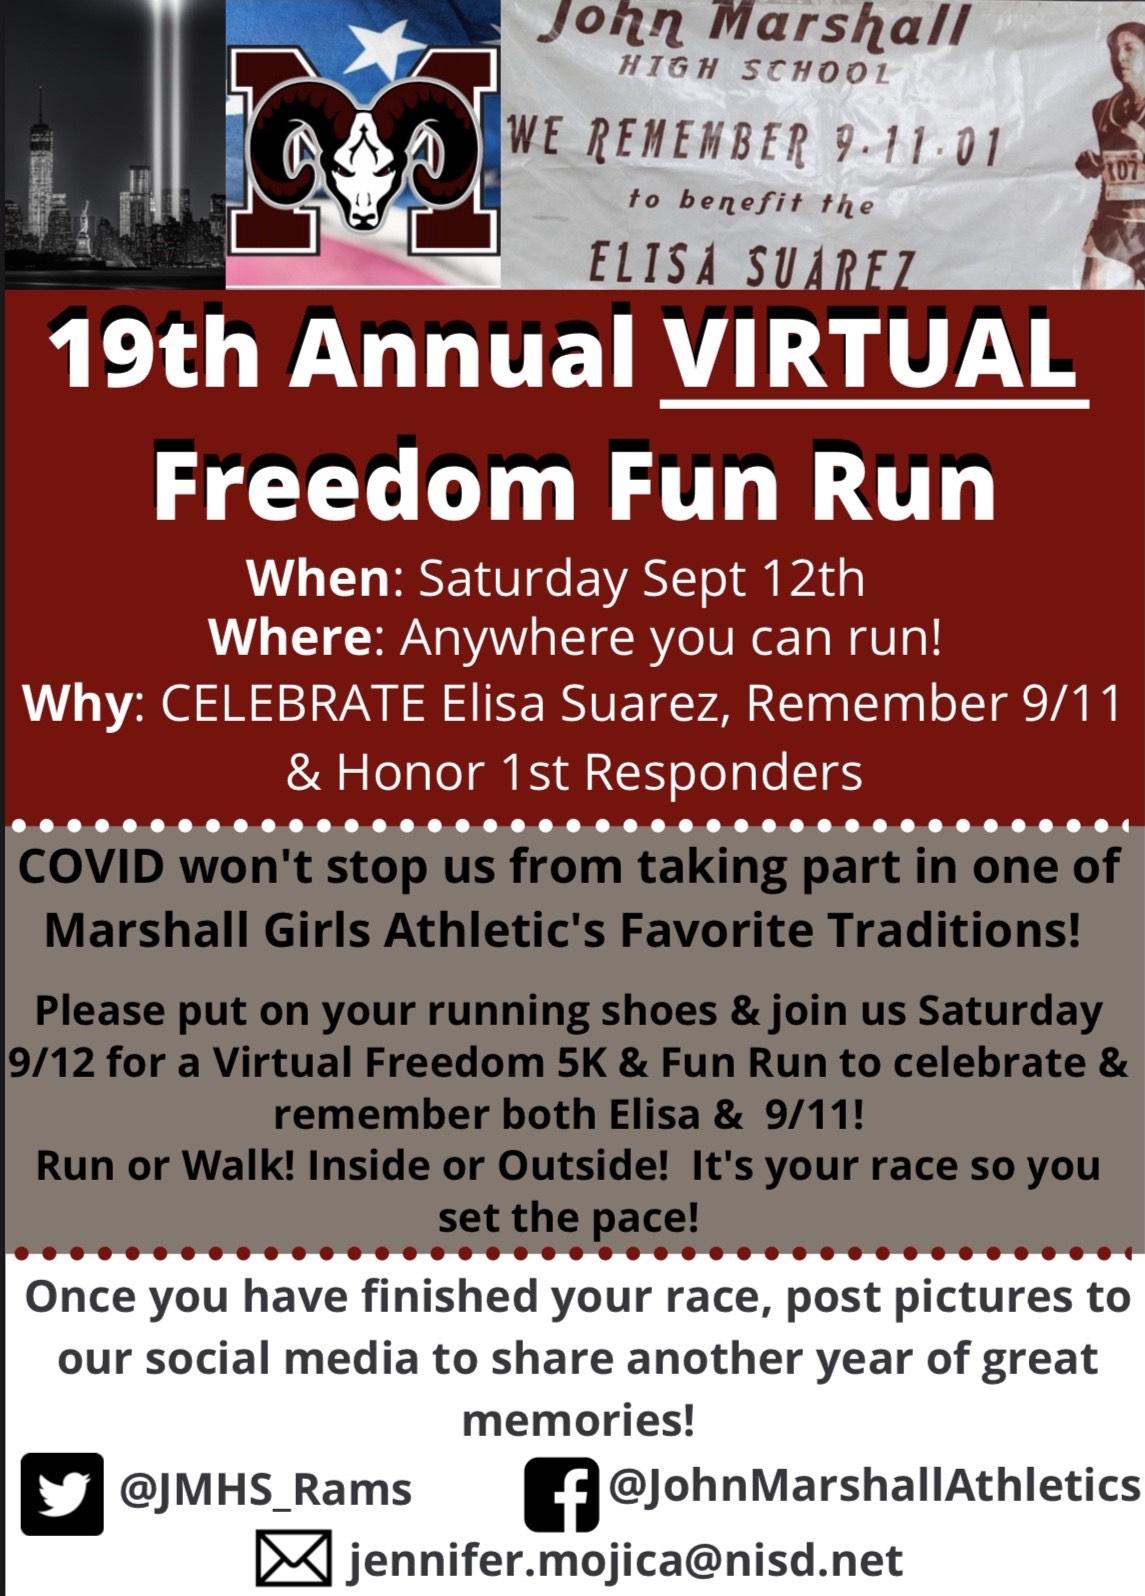 2020 VIRTUAL Freedom Fun Run & 5K